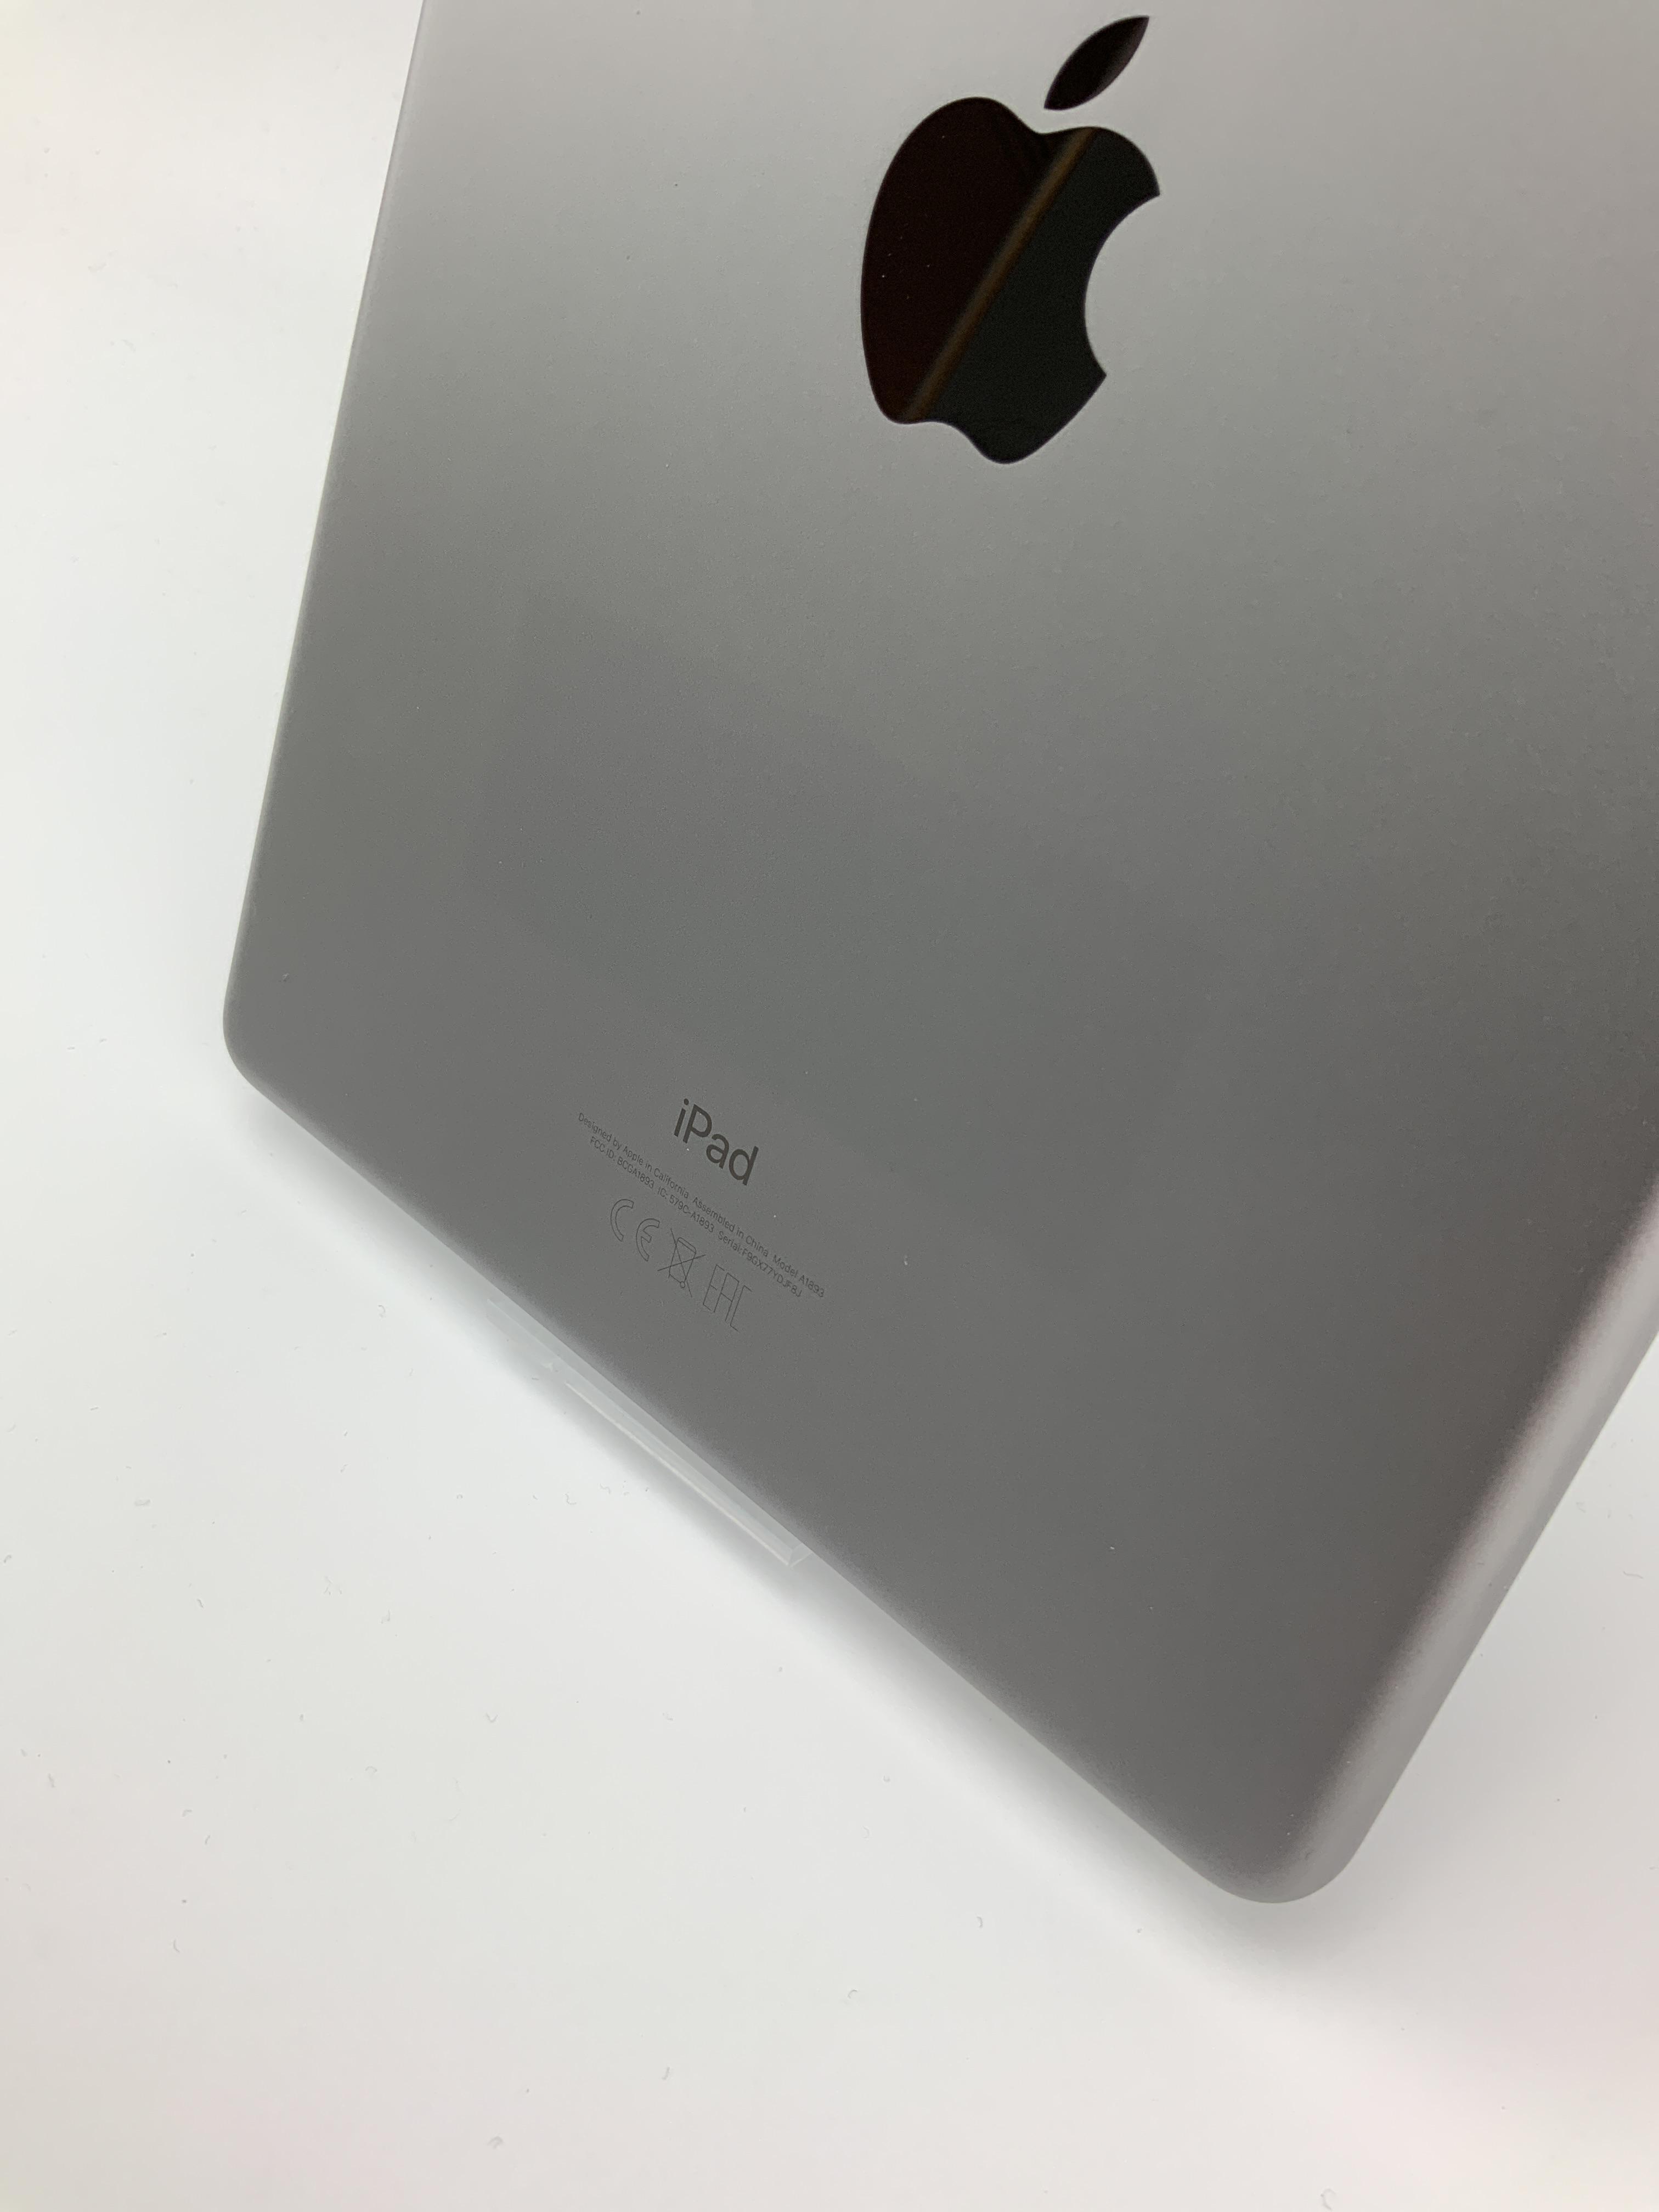 iPad 6 Wi-Fi 32GB, 32GB, Space Gray, imagen 3